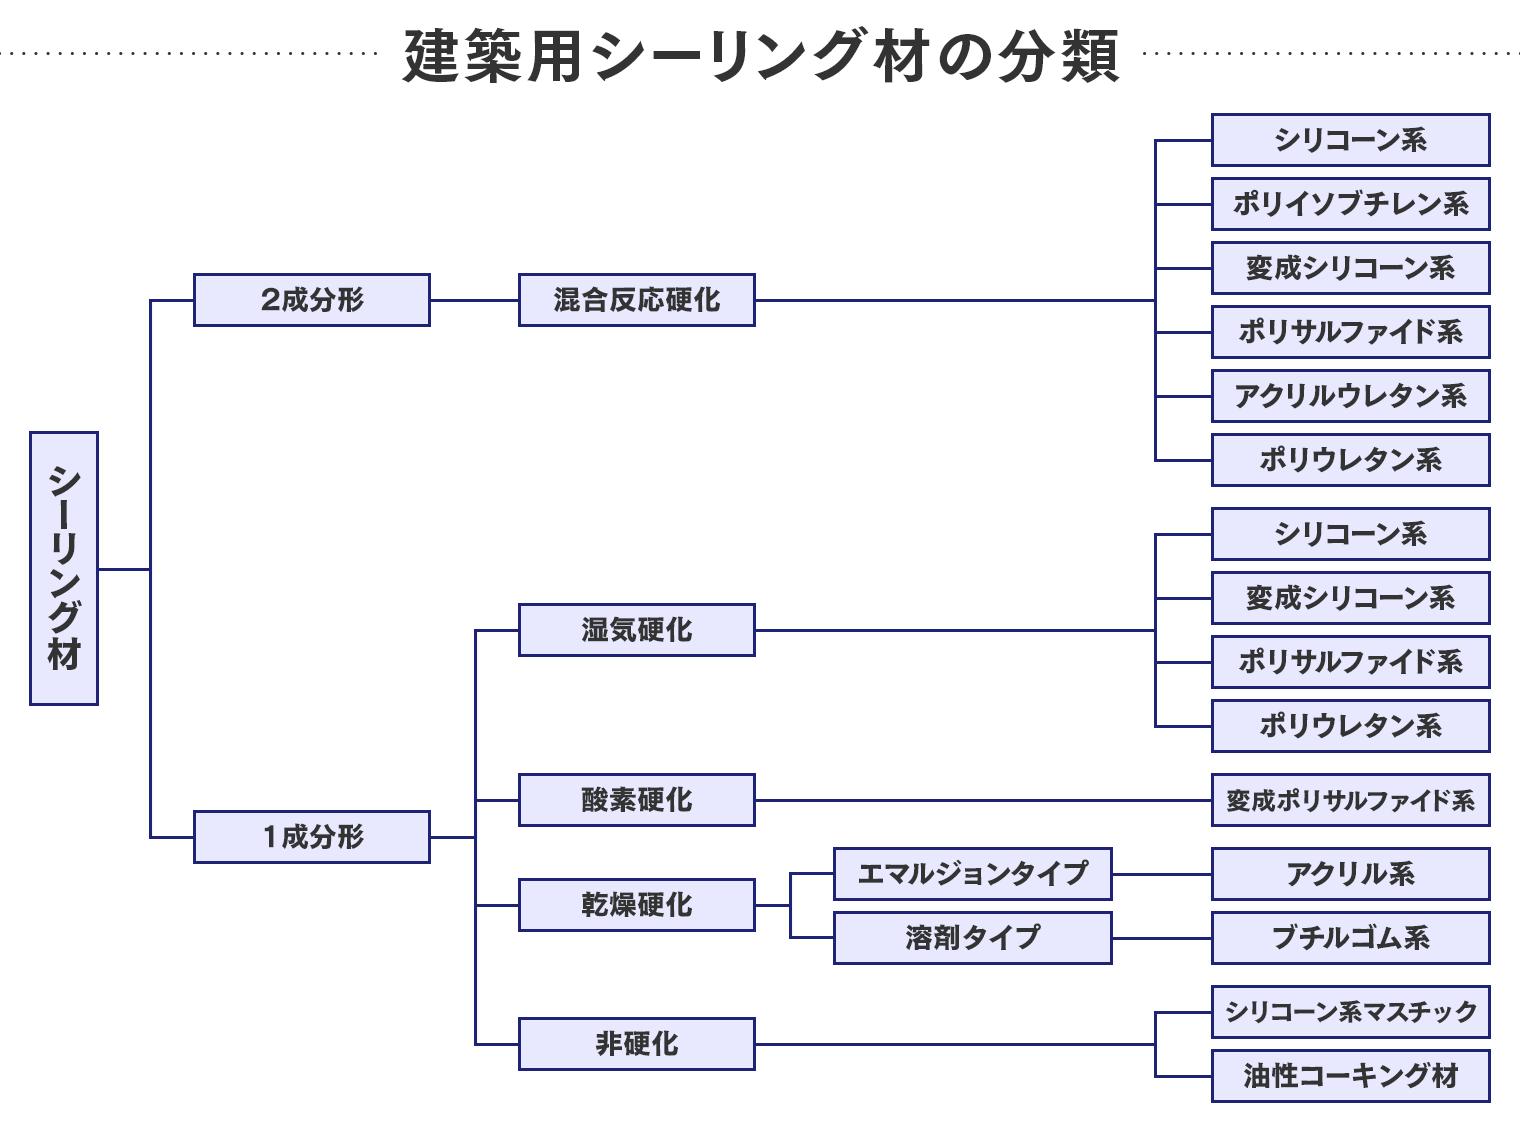 建築用シーリング材の分類表